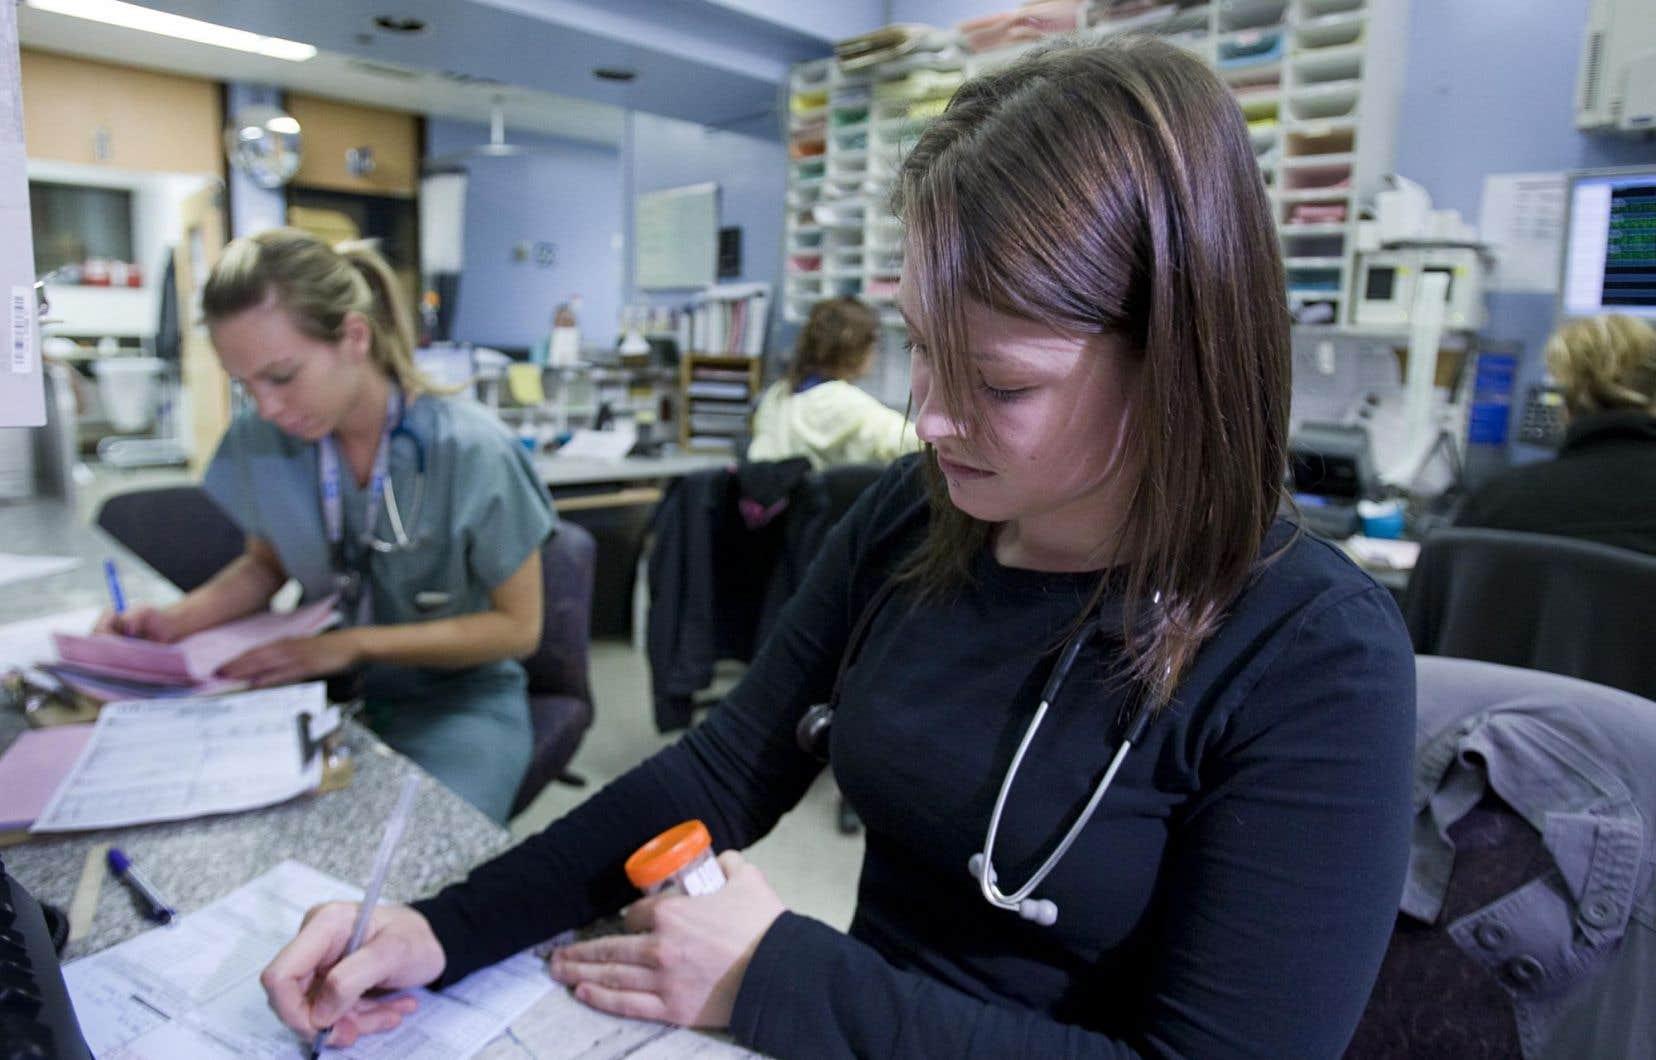 Plutôt que de rendre bilingue l'ensemble du réseau de la santé, les établissements devraient se concentrer sur «la relation patient-soignant», préconise l'IREC.